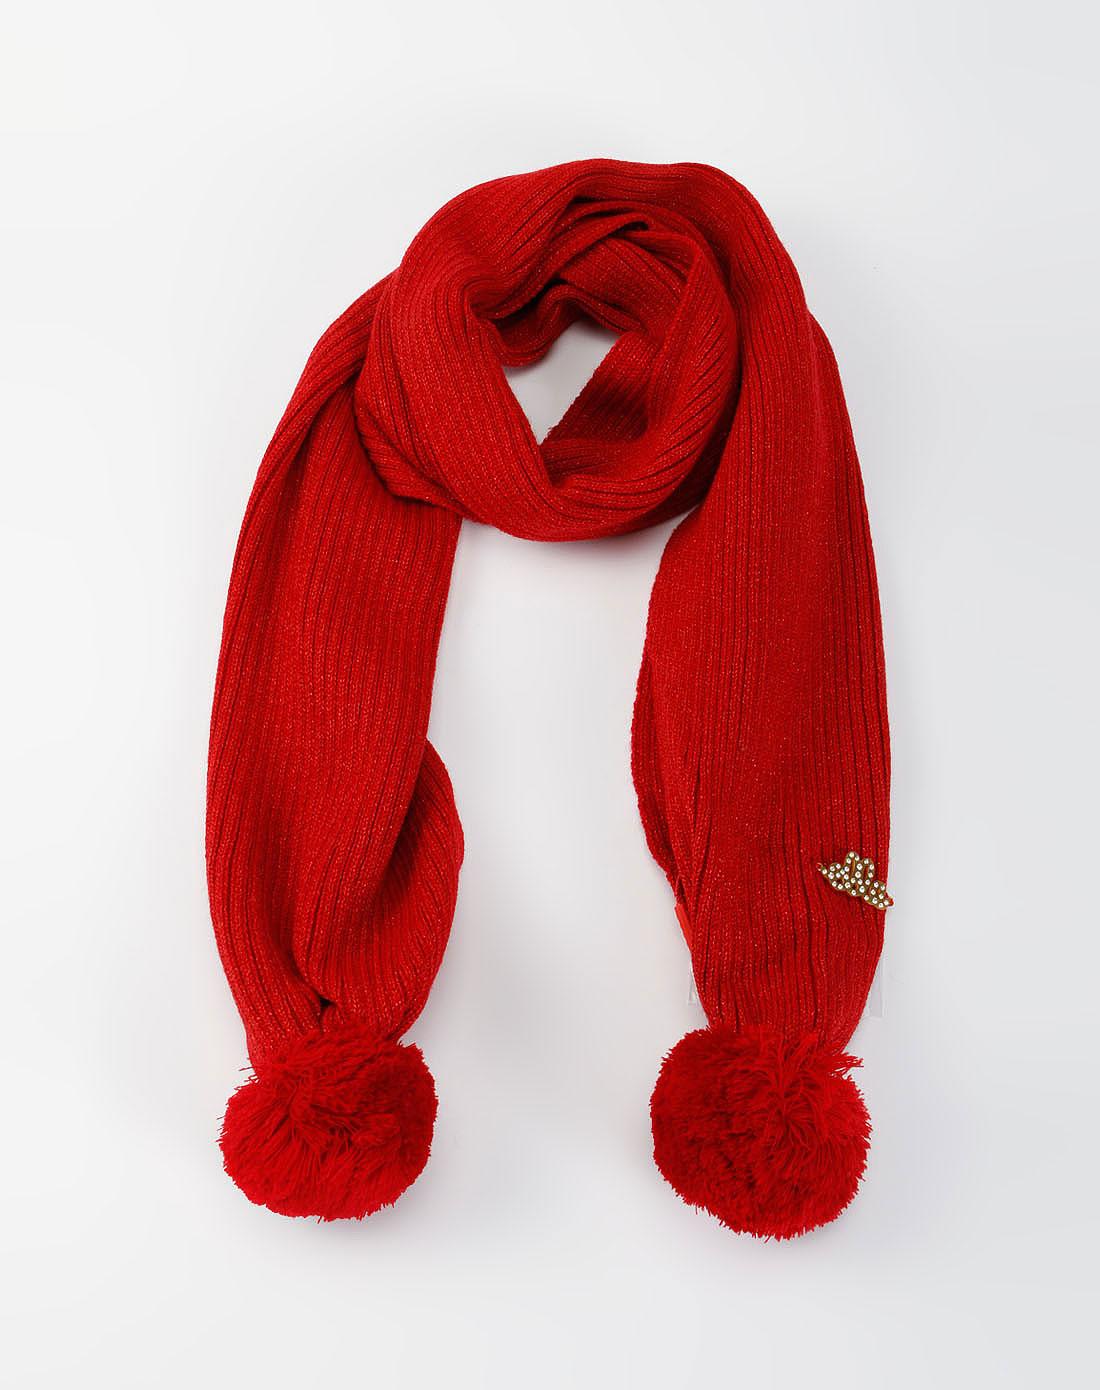 儿童围巾图片 冬天儿童围巾图片 儿童围巾花样图片 制作儿童围巾图片